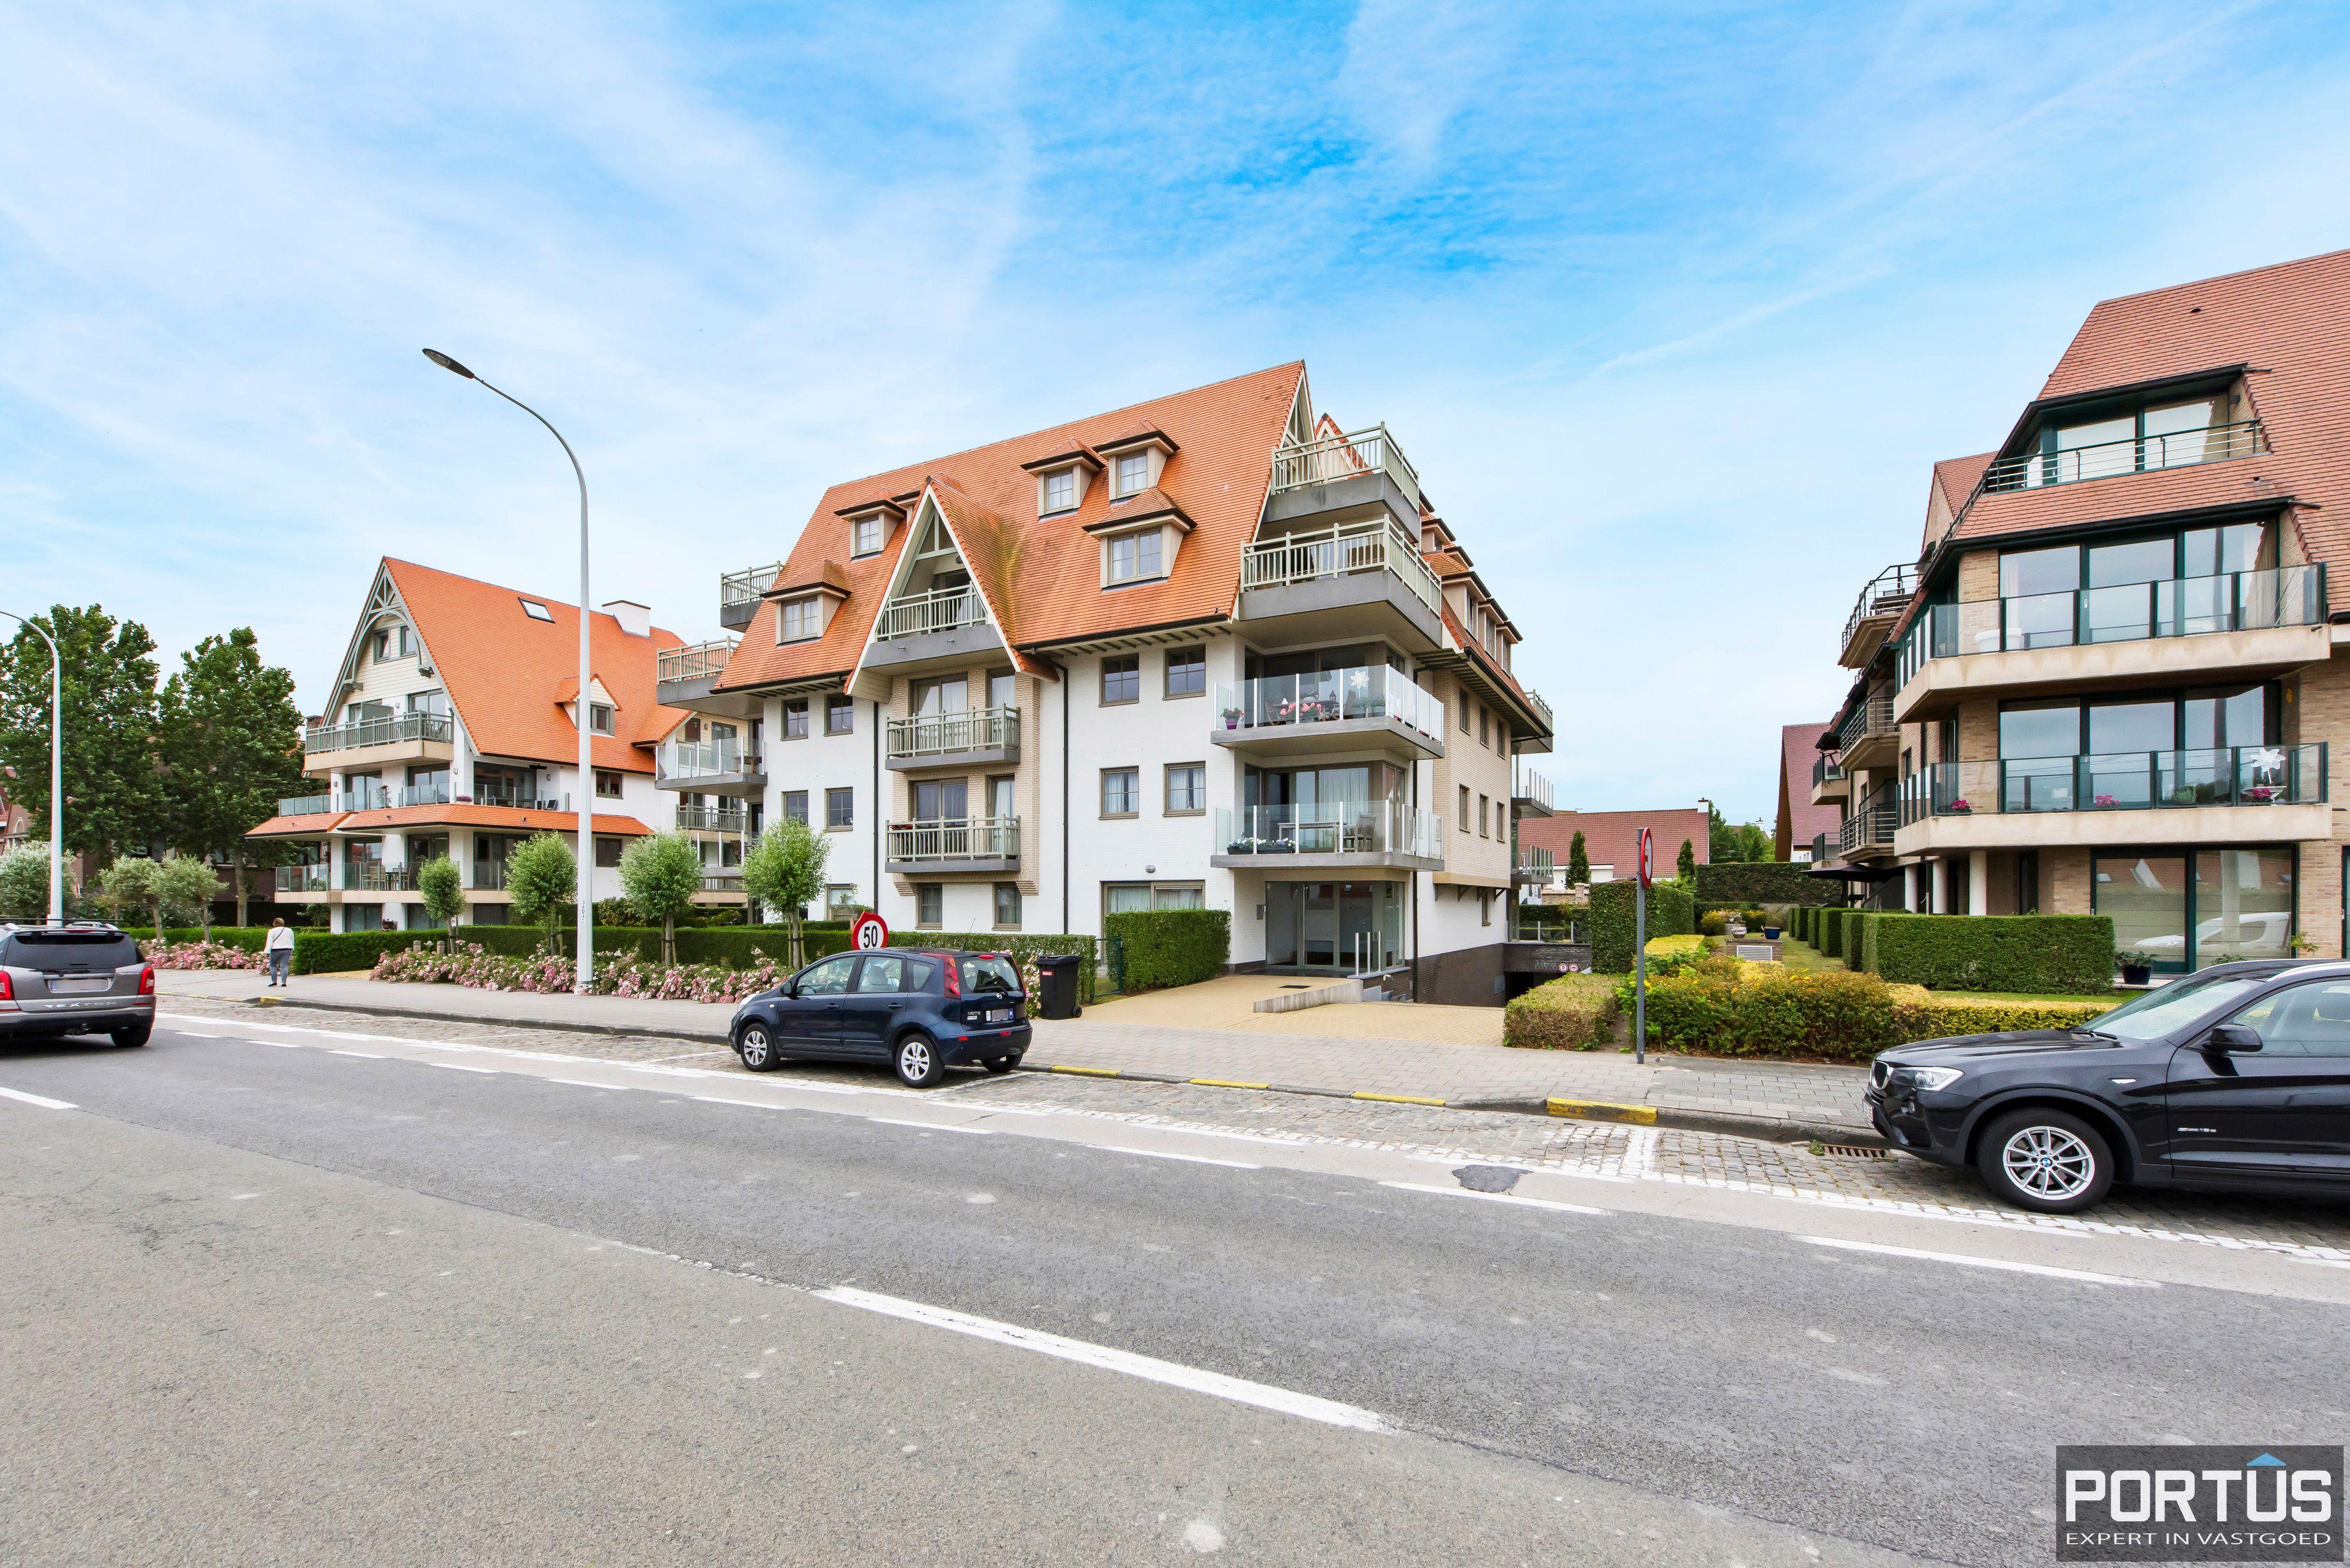 Gelijkvloers appartement te koop met 2 slaapkamers en privé tuin - 9848